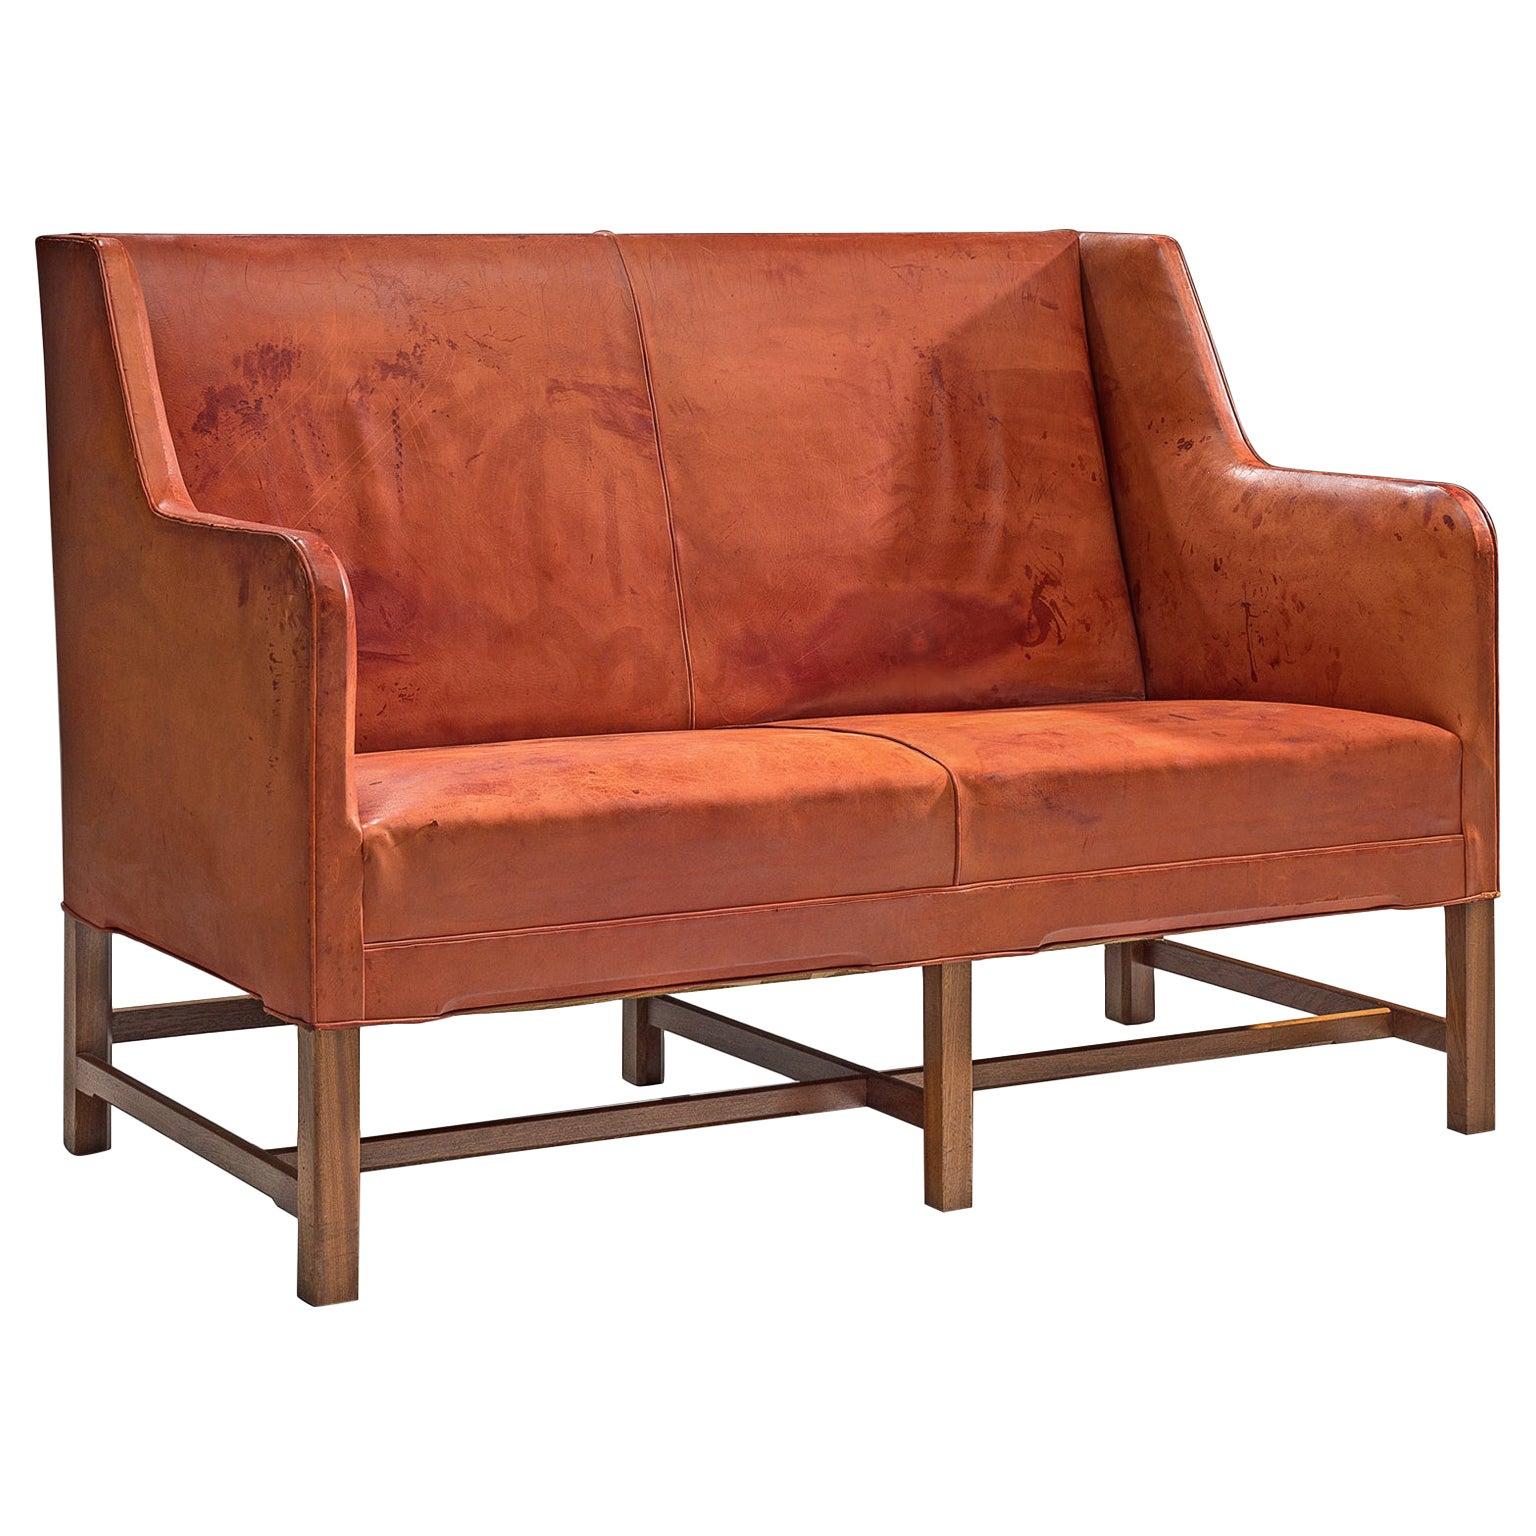 Kaare Klint for Rud Rasmussen Original Cognac Leather